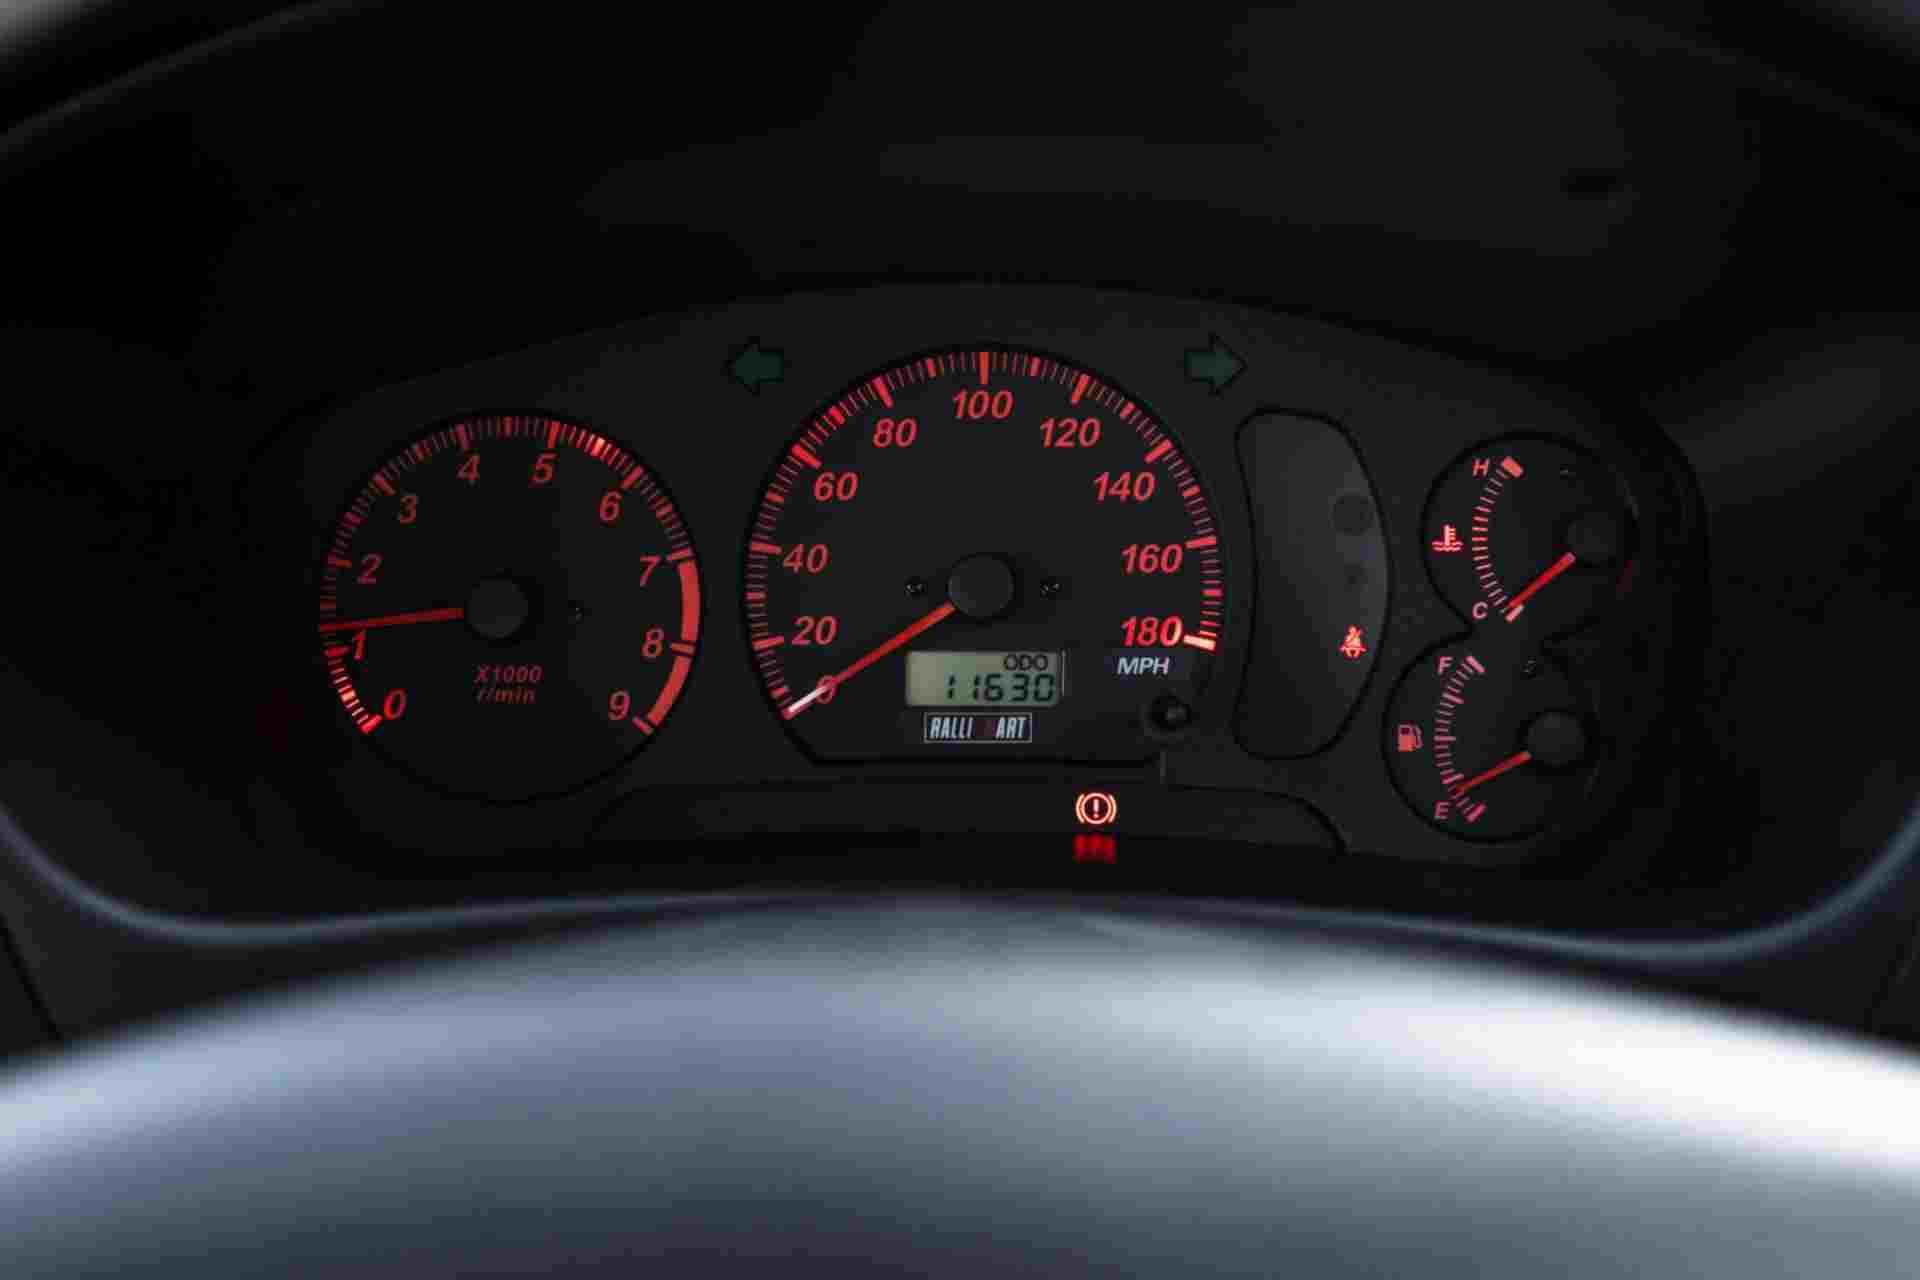 2000_Mitsubishi_Lancer_Evolution_VI_Tommi_Makinen_Edition_sale-0015